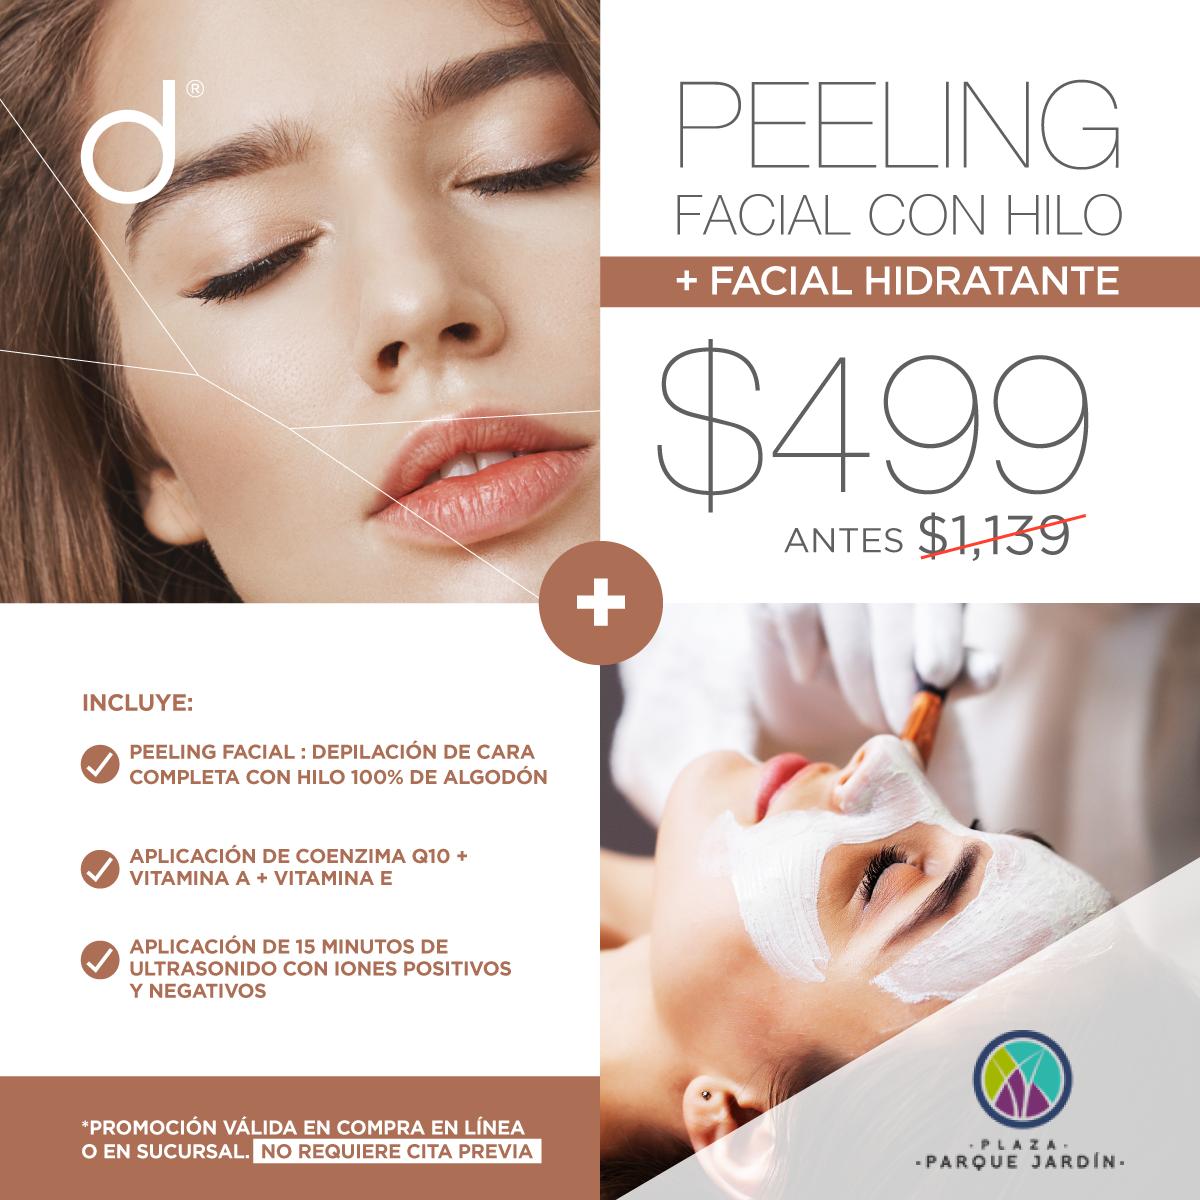 Peeling Facial con Hilo + Facial Hidratante - SÓLO PLAZA PARQUE JARDÍN&w=900&h=900&fit=crop